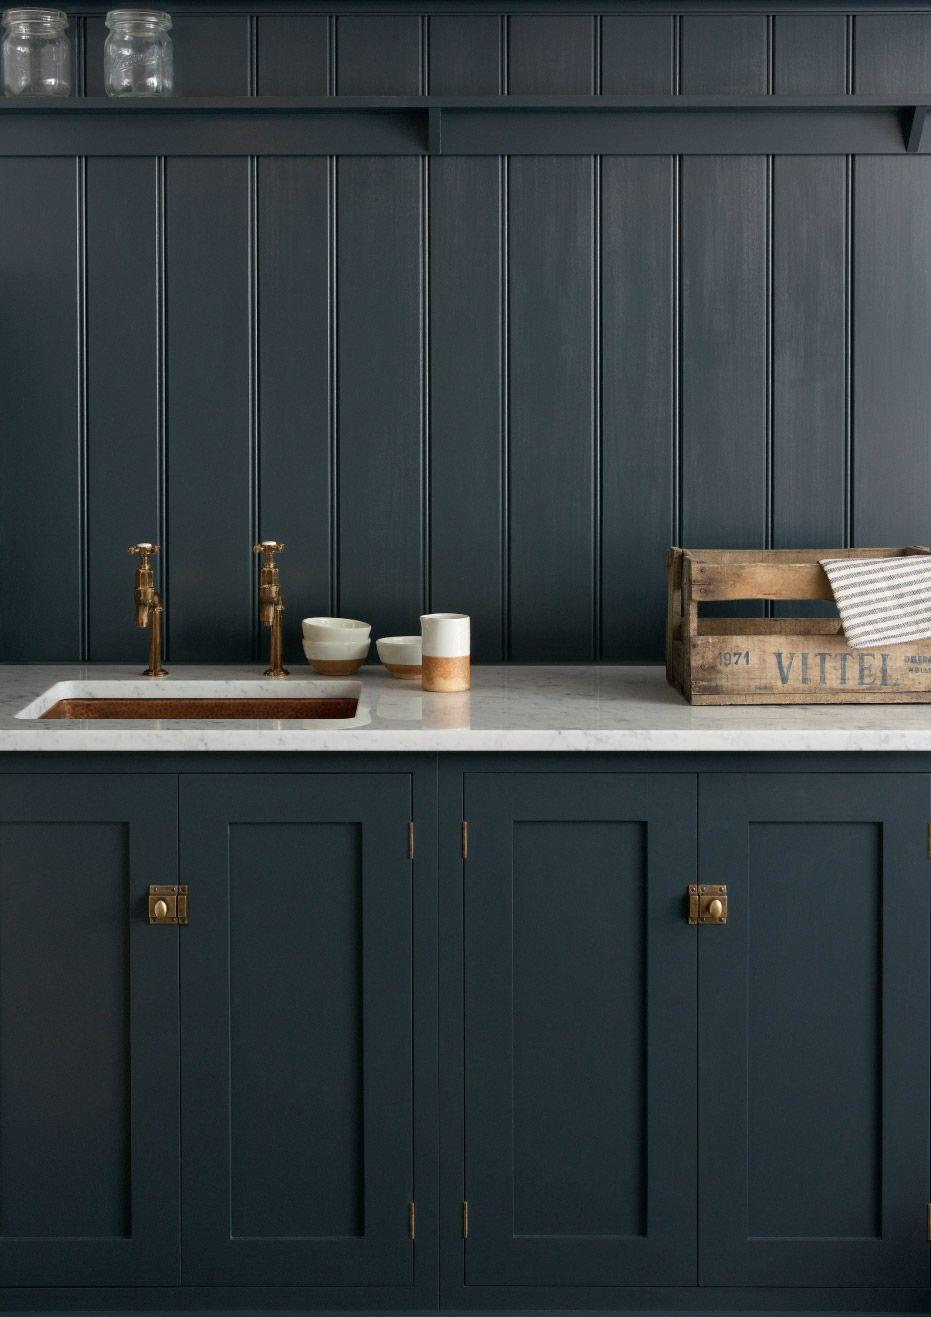 grey interior cladding wooden kitchen kitchen design ideas traditional kitchen scandinavian. Black Bedroom Furniture Sets. Home Design Ideas